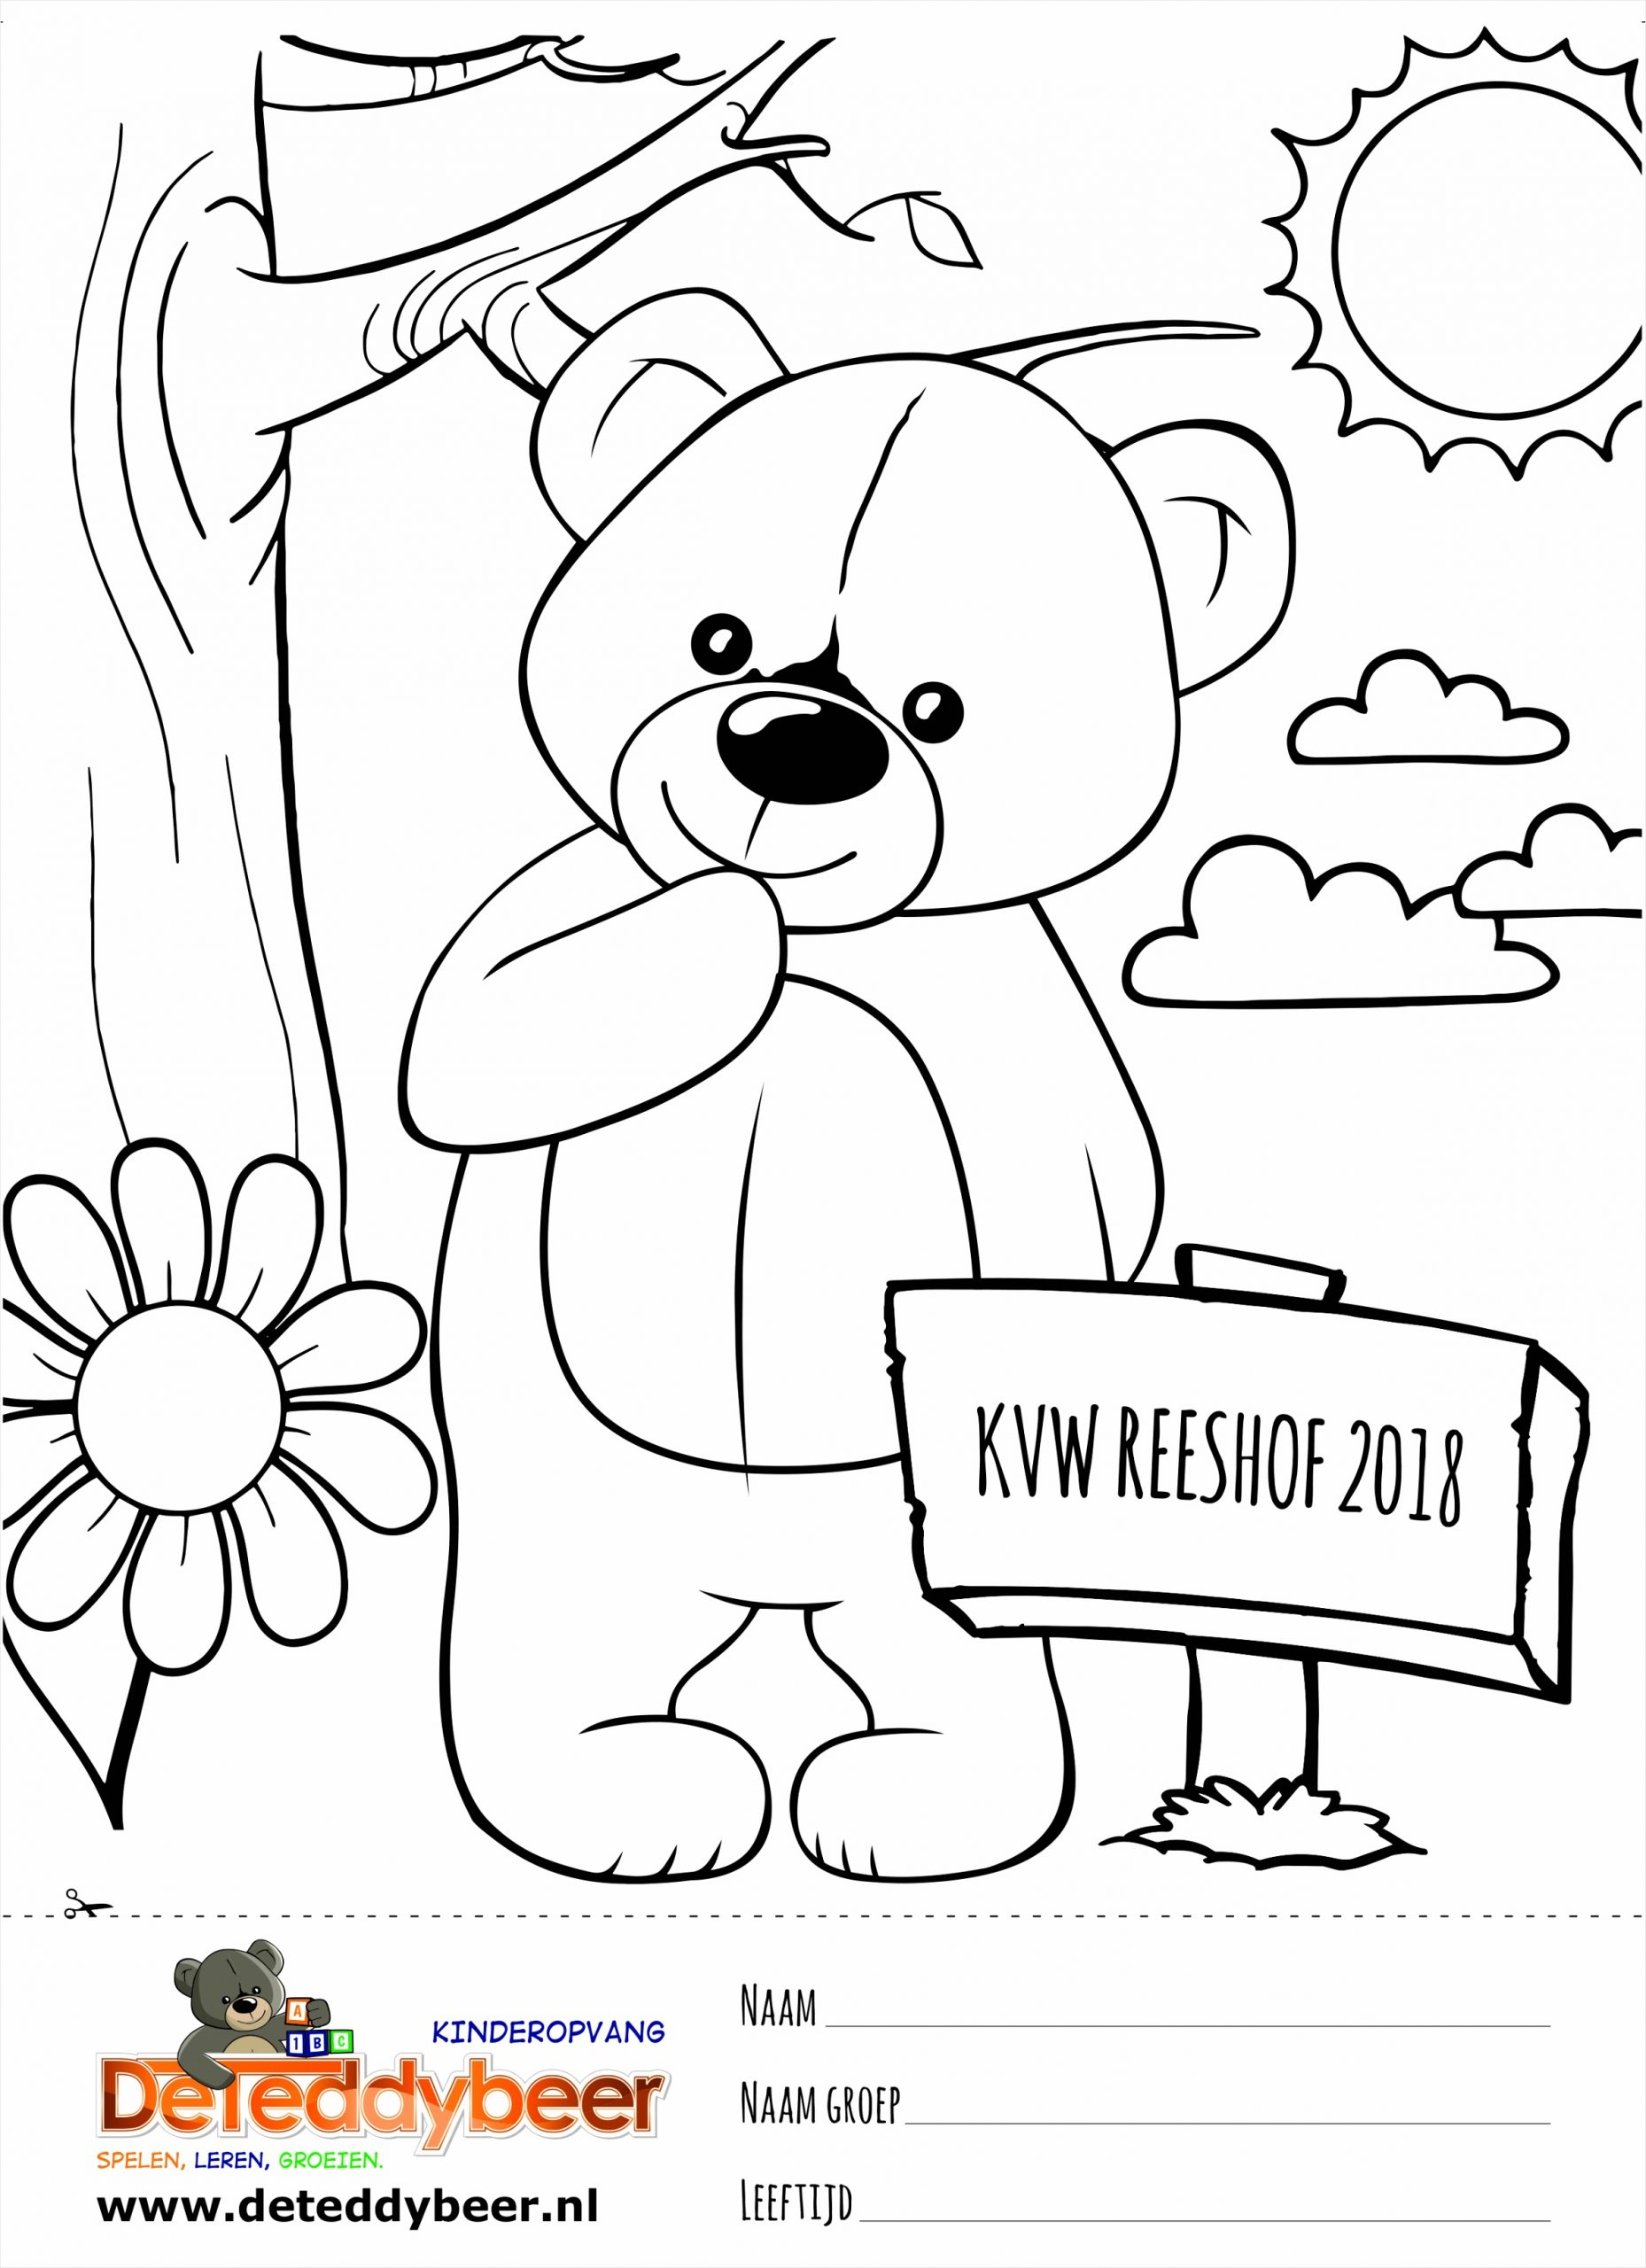 Teddybeer Kleurplaat preview irwop